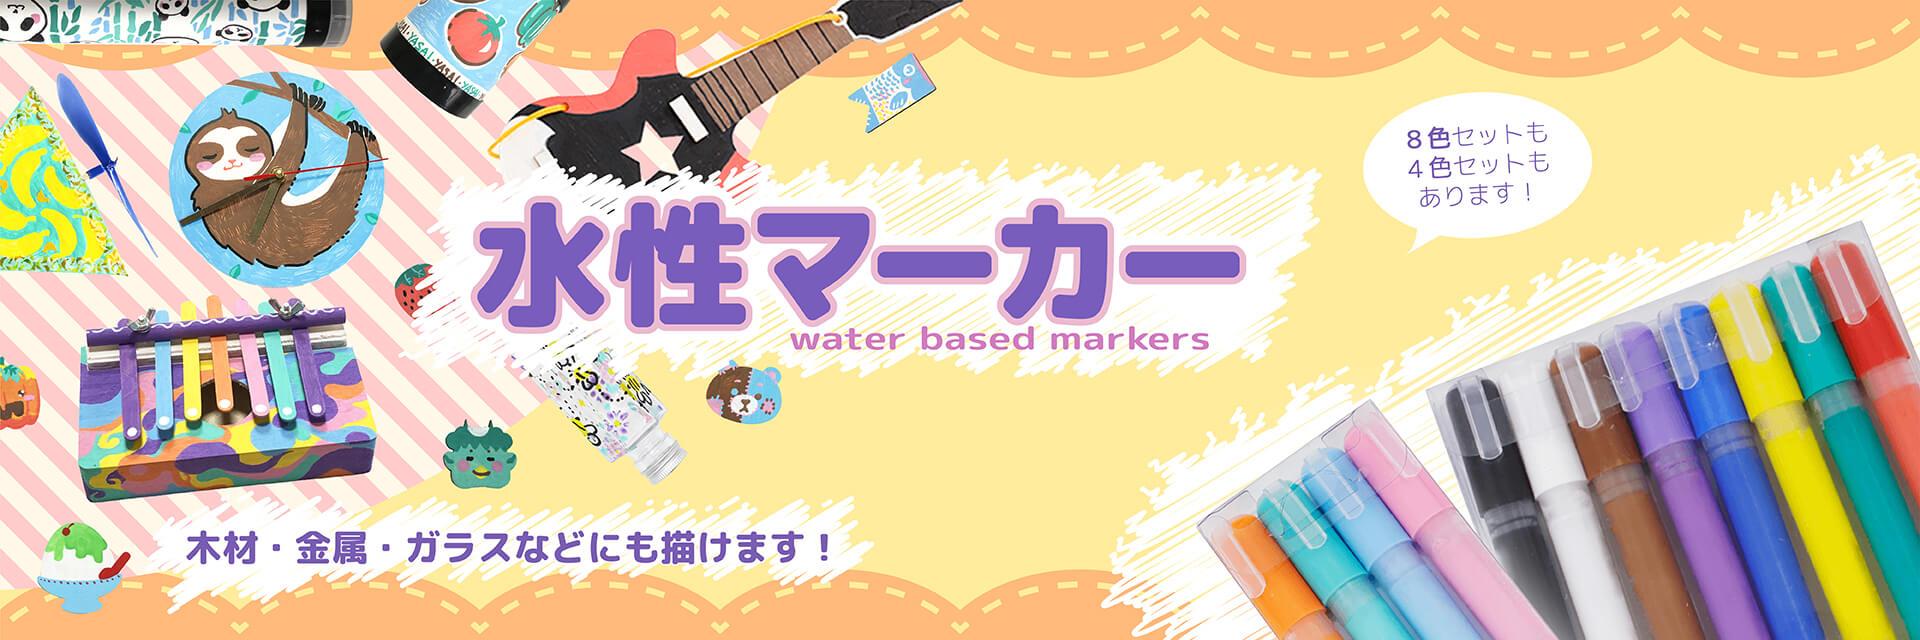 水性マーカー